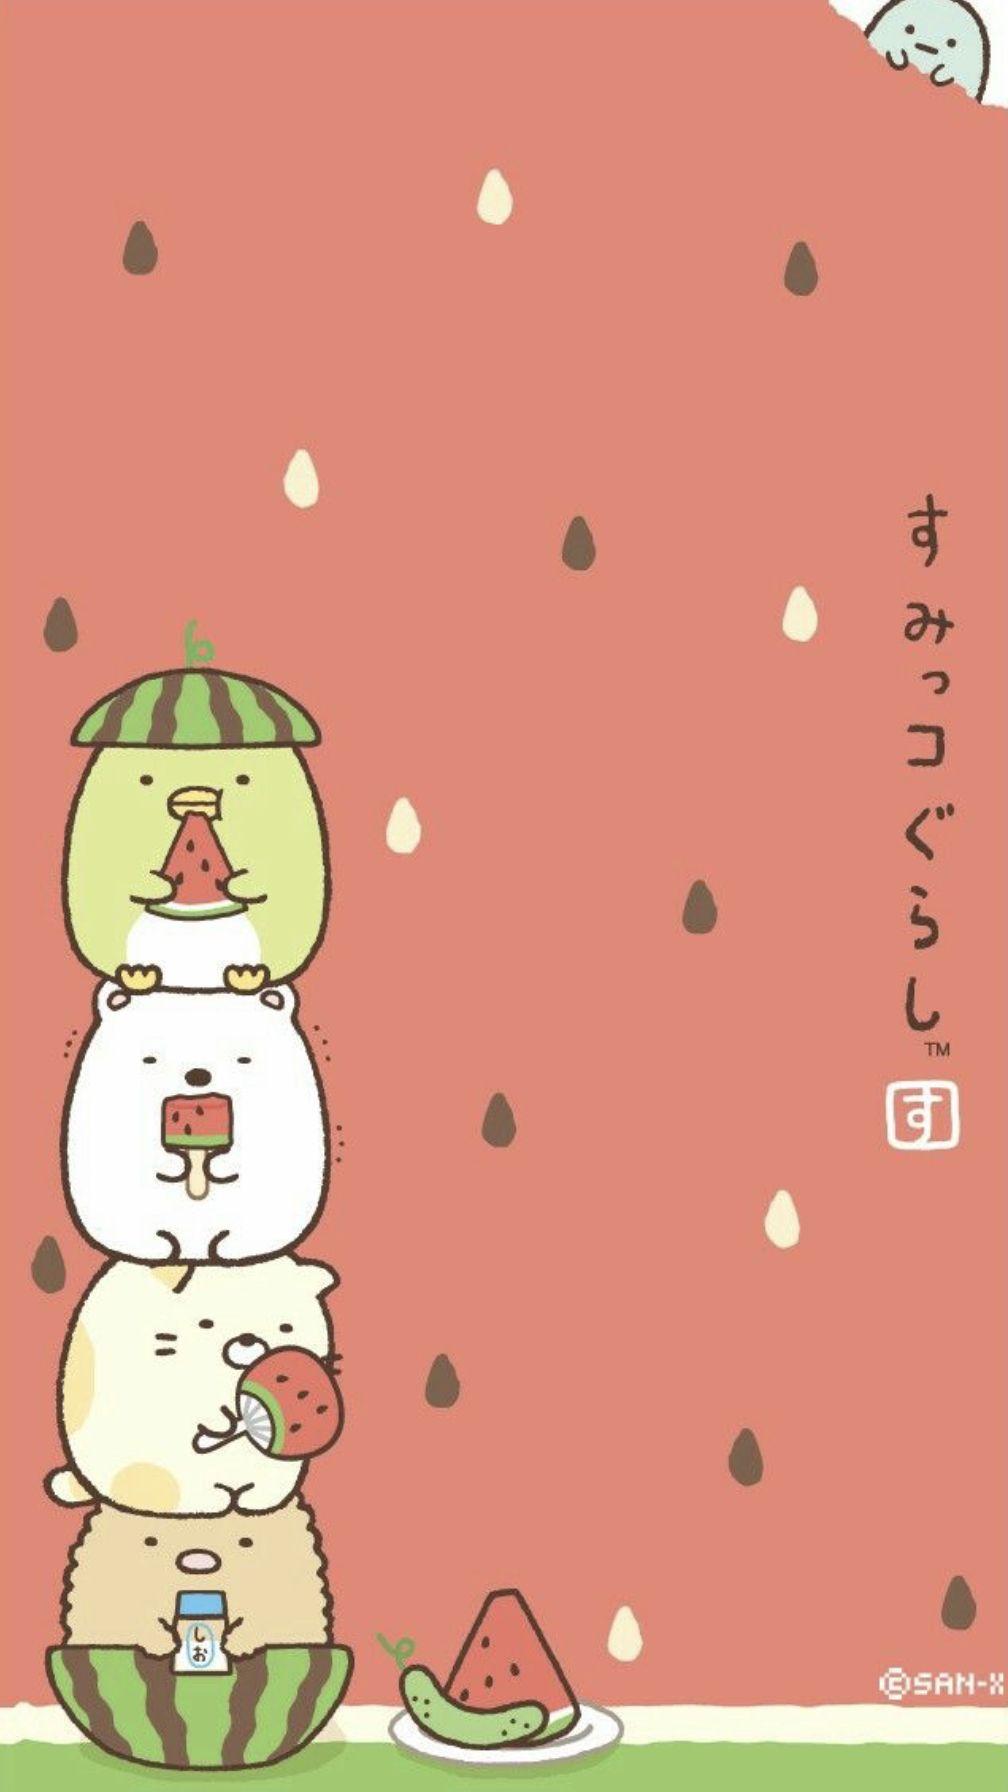 Sumikko Gurashi Cute Kawaii Drawings Cute Anime Wallpaper Cute Cartoon Wallpapers